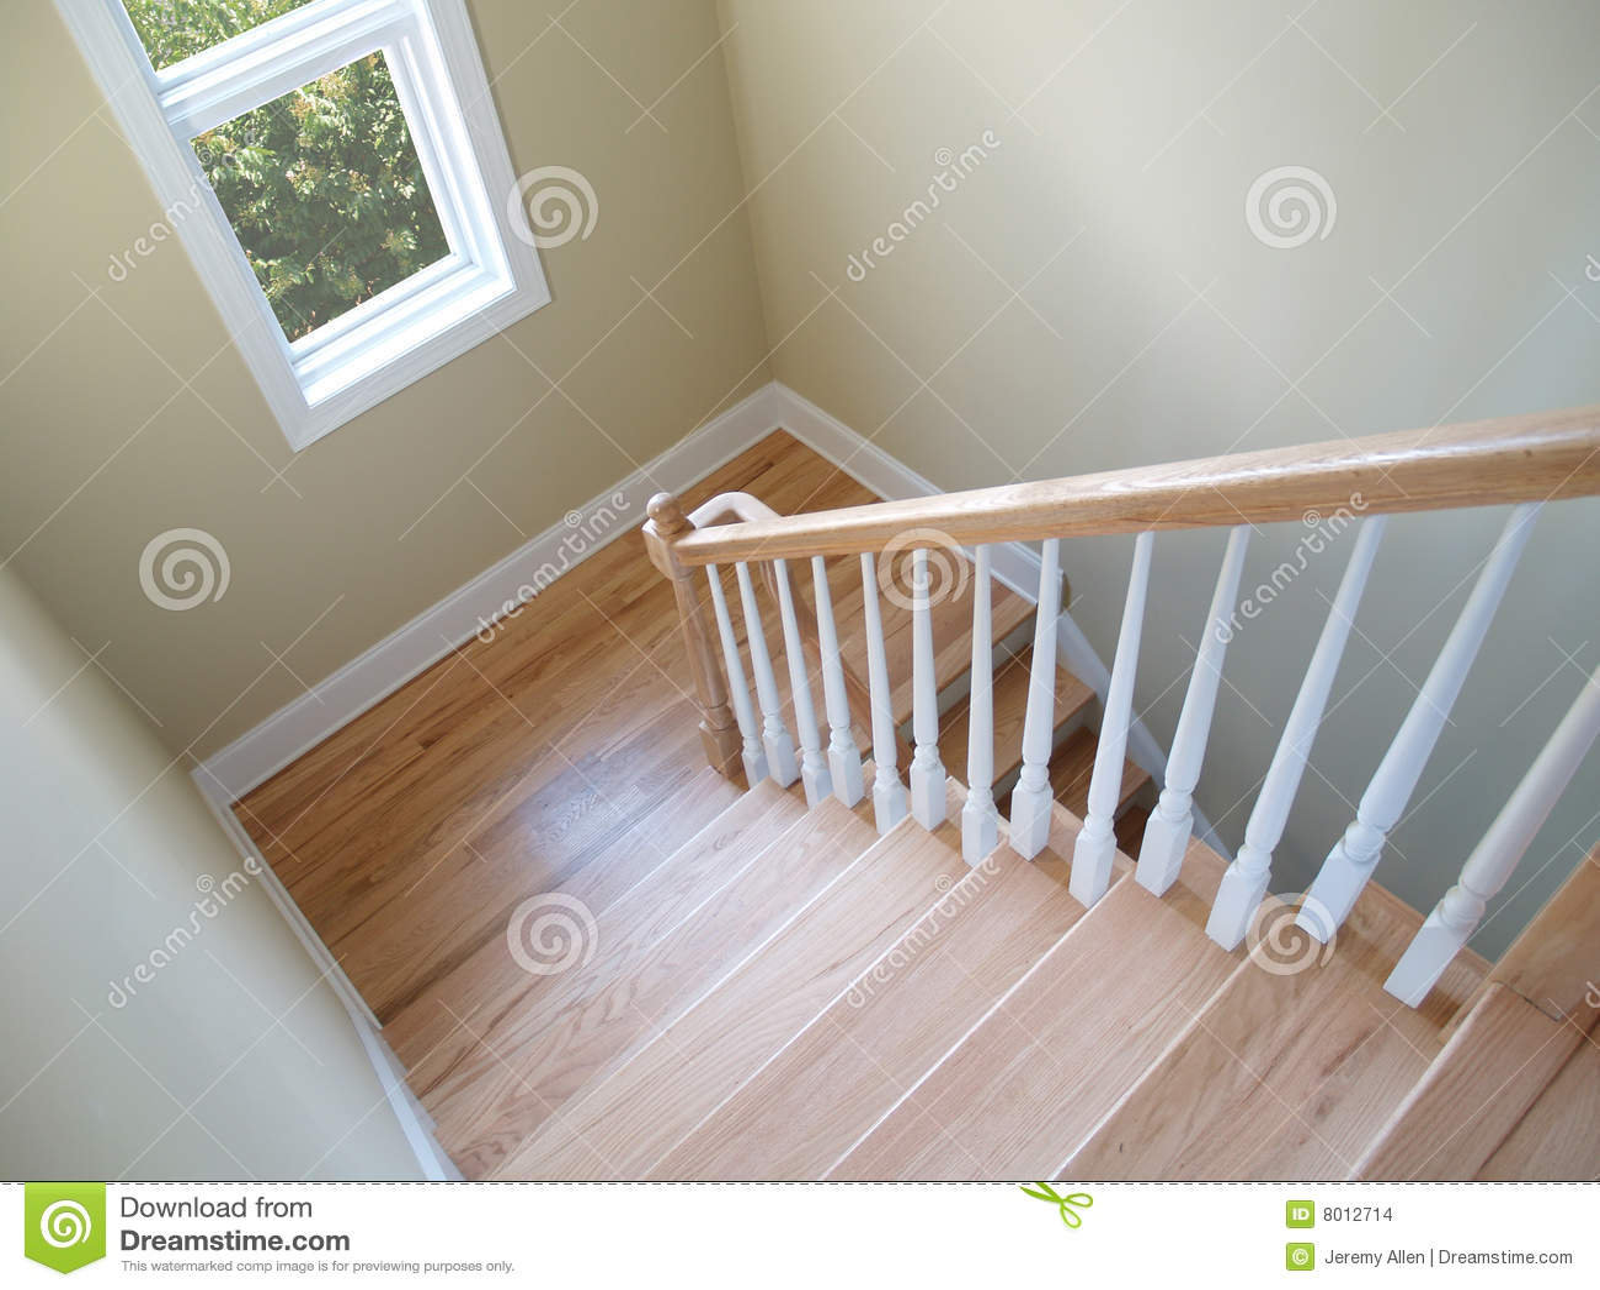 Treppenhaus Fenster Stockbilder Bild 8012714